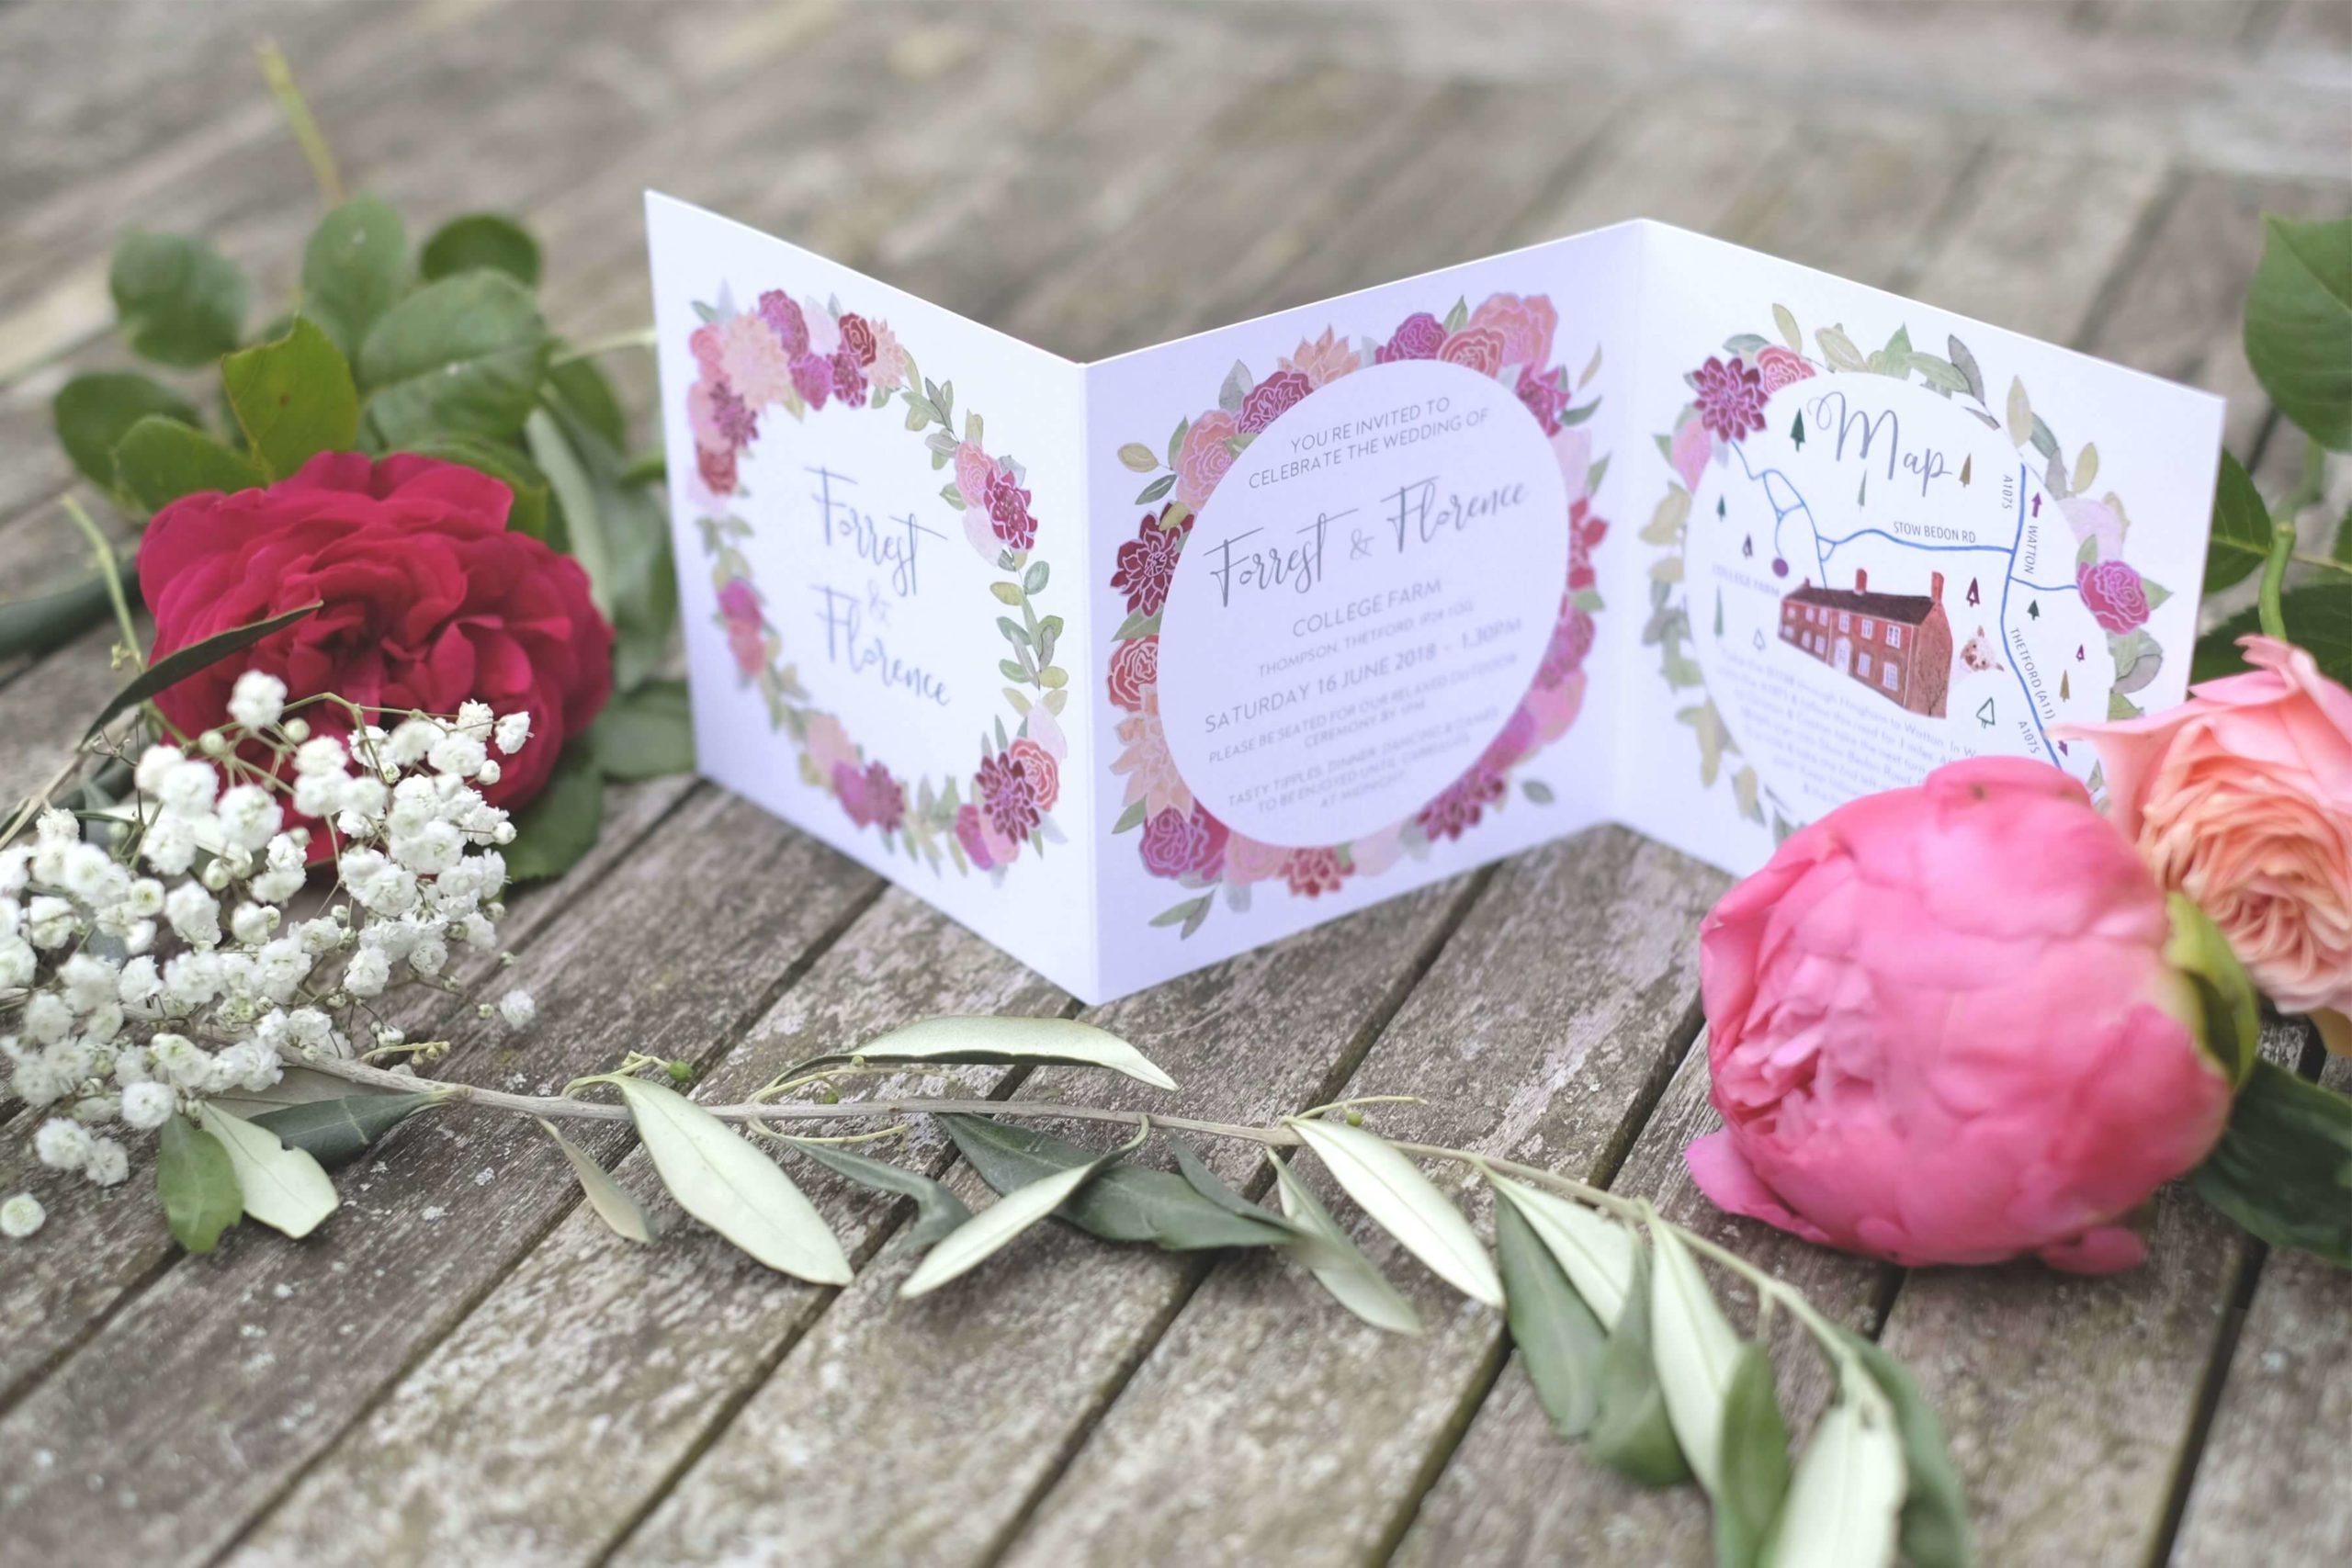 Rose, Claret & Blackberries 59